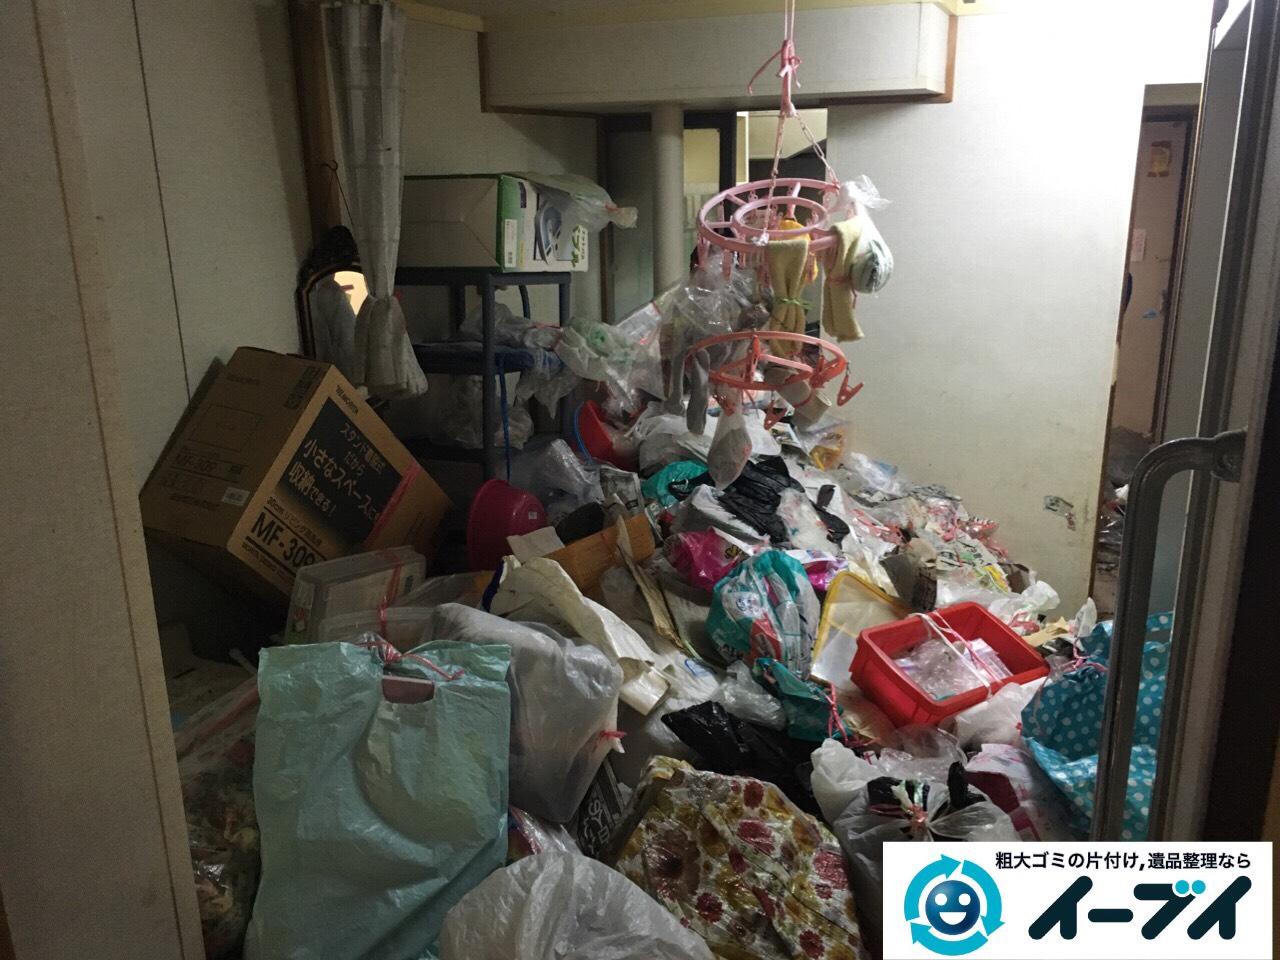 9月11日 大阪府泉佐野市でゴミ屋敷の片付けをイーブイにご依頼くださいました。作業写真4